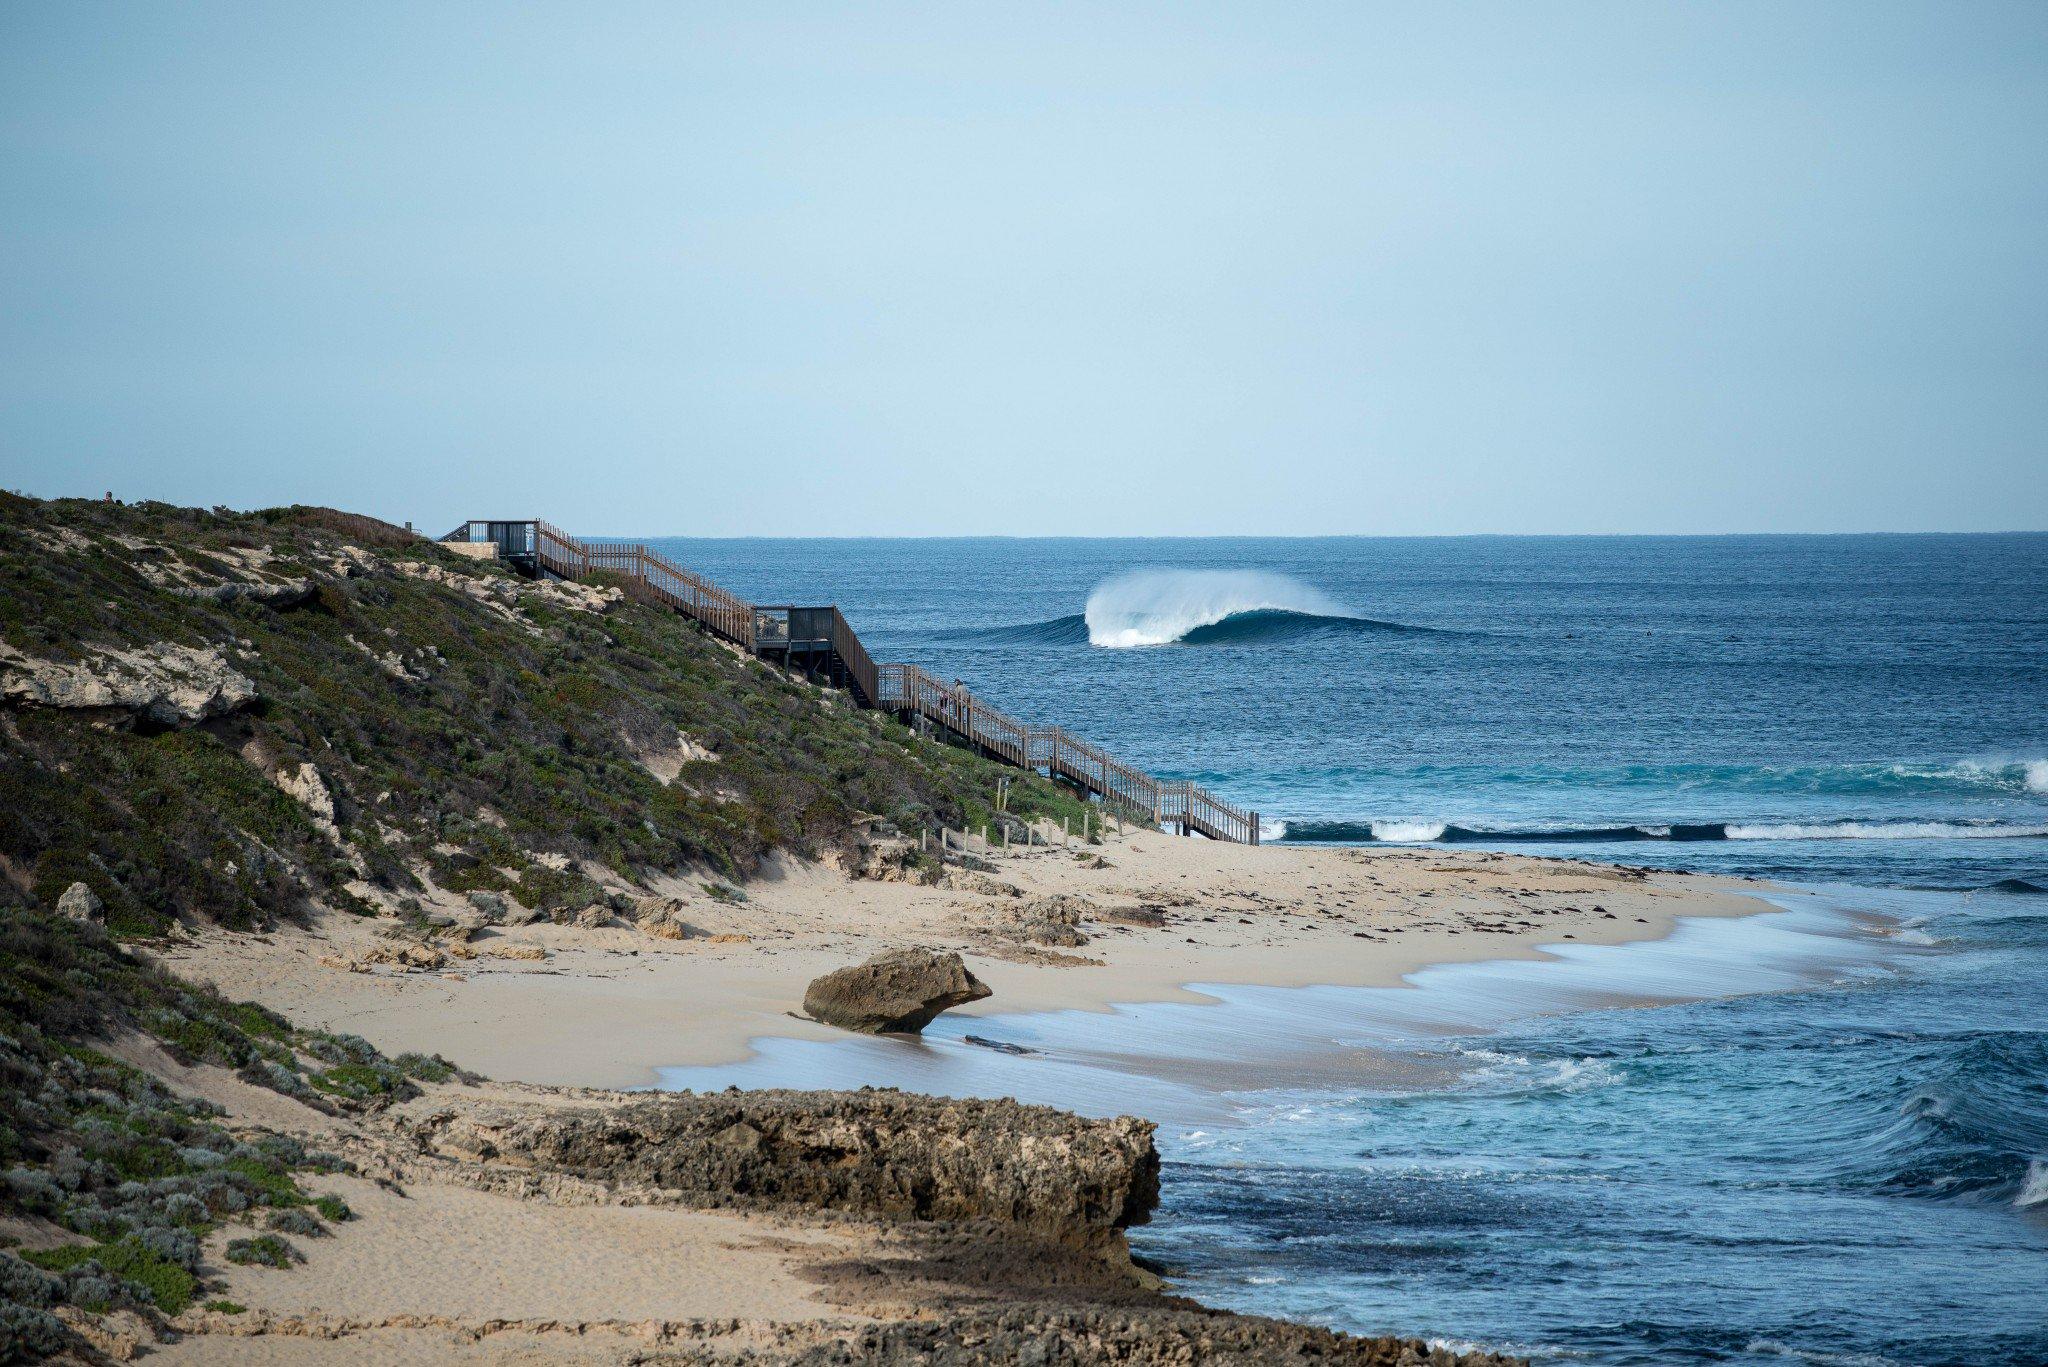 Surfing in Western Australia: Margaret River